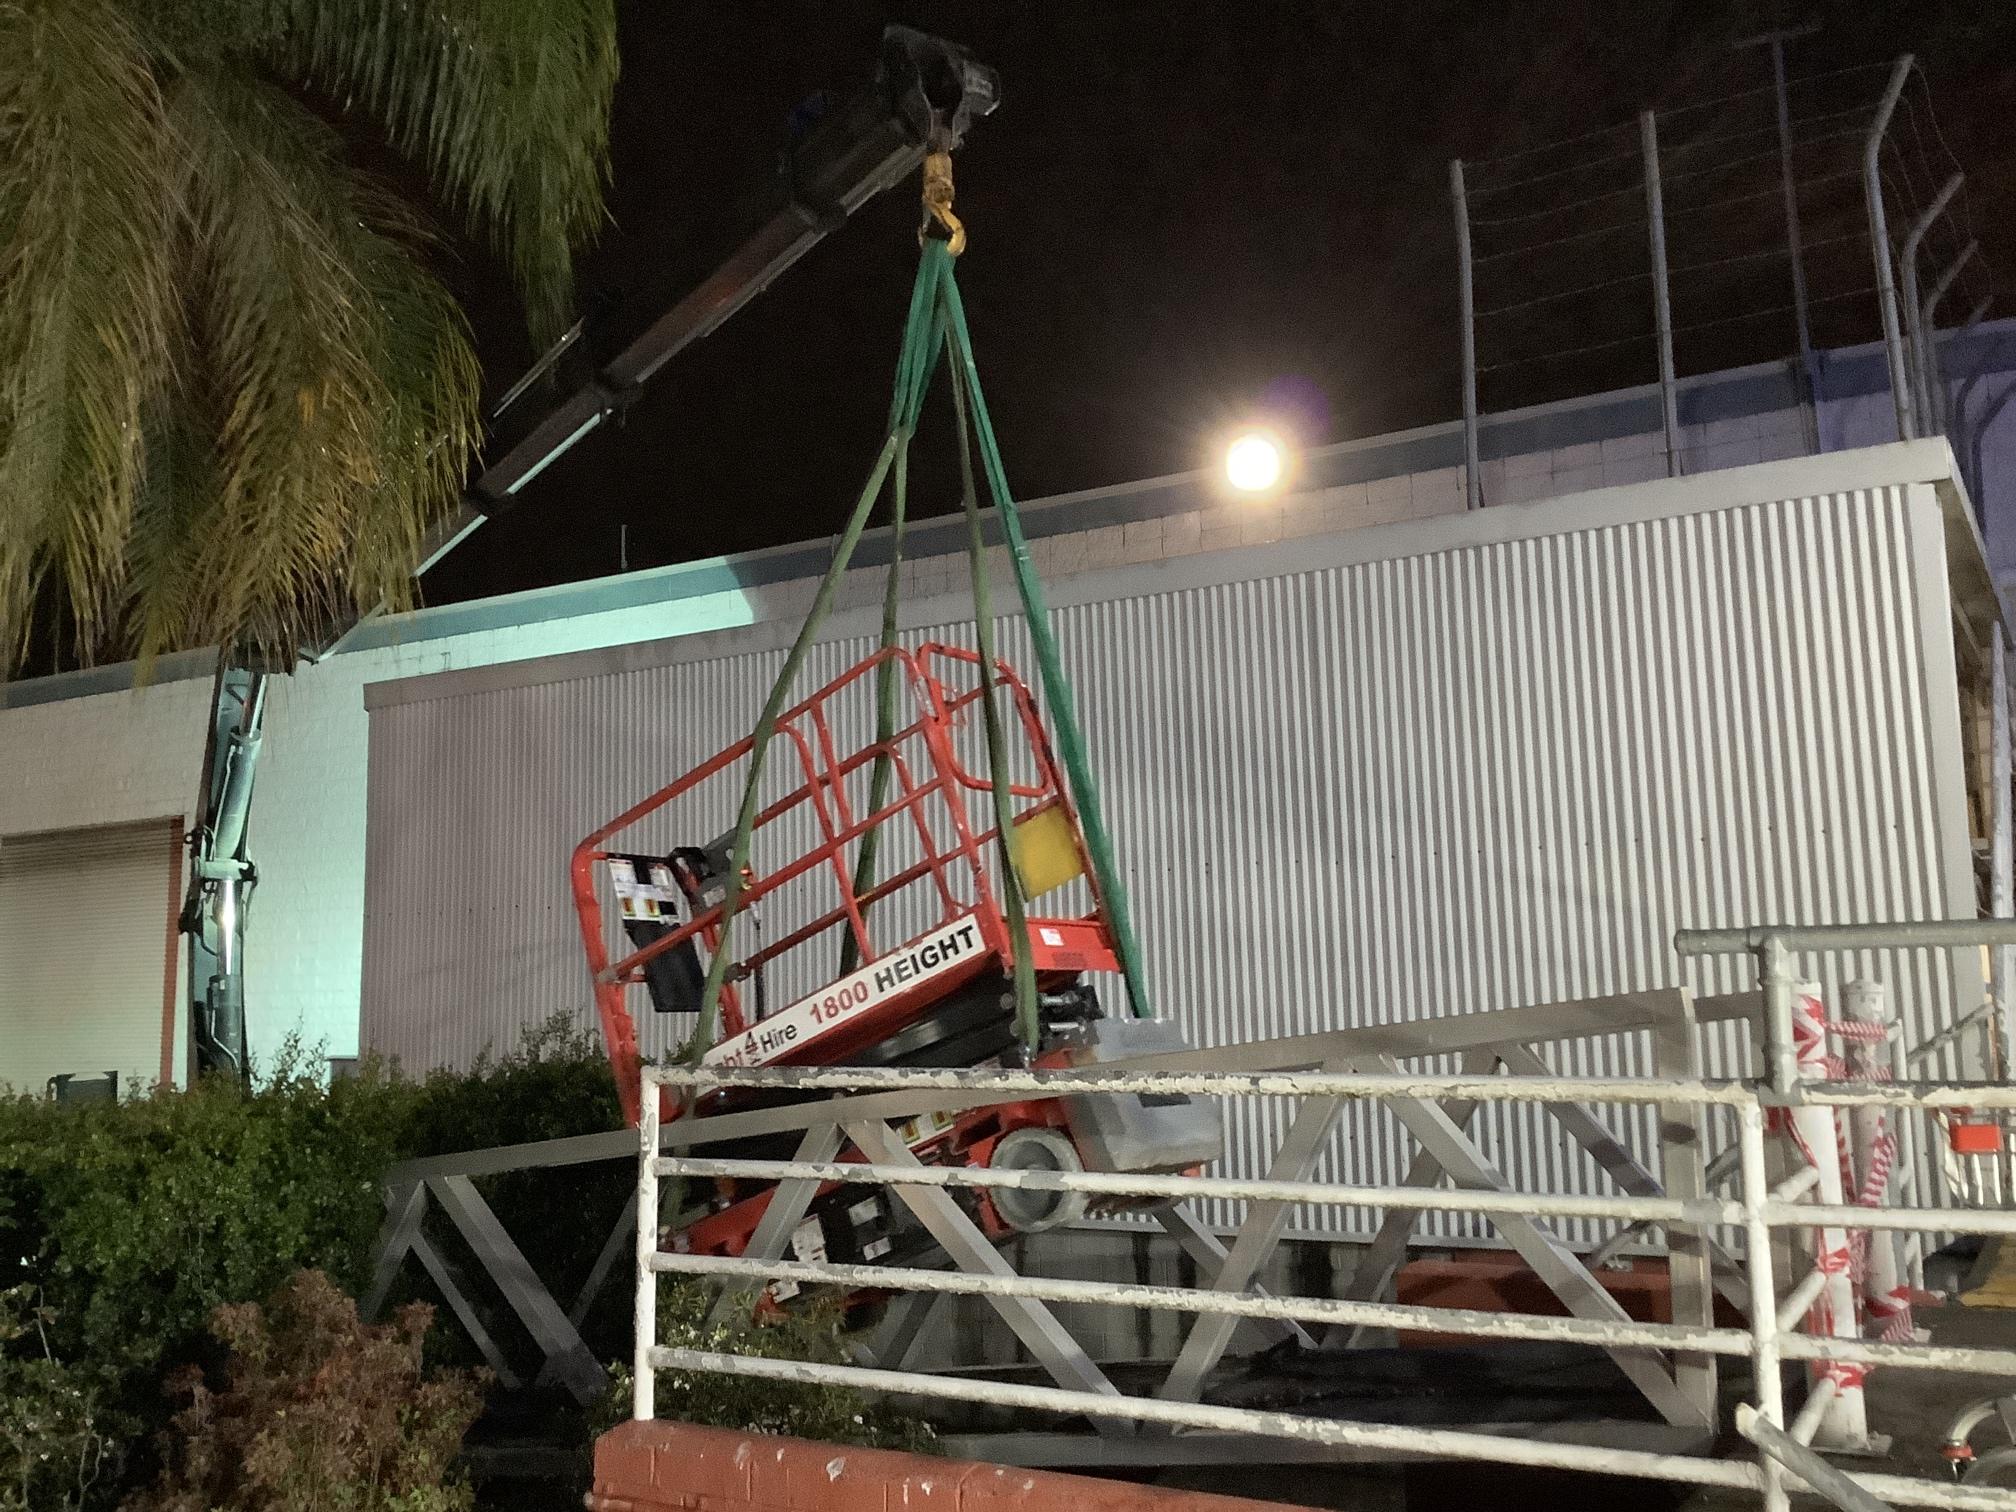 hired crane truck lifting fallen scissor lift